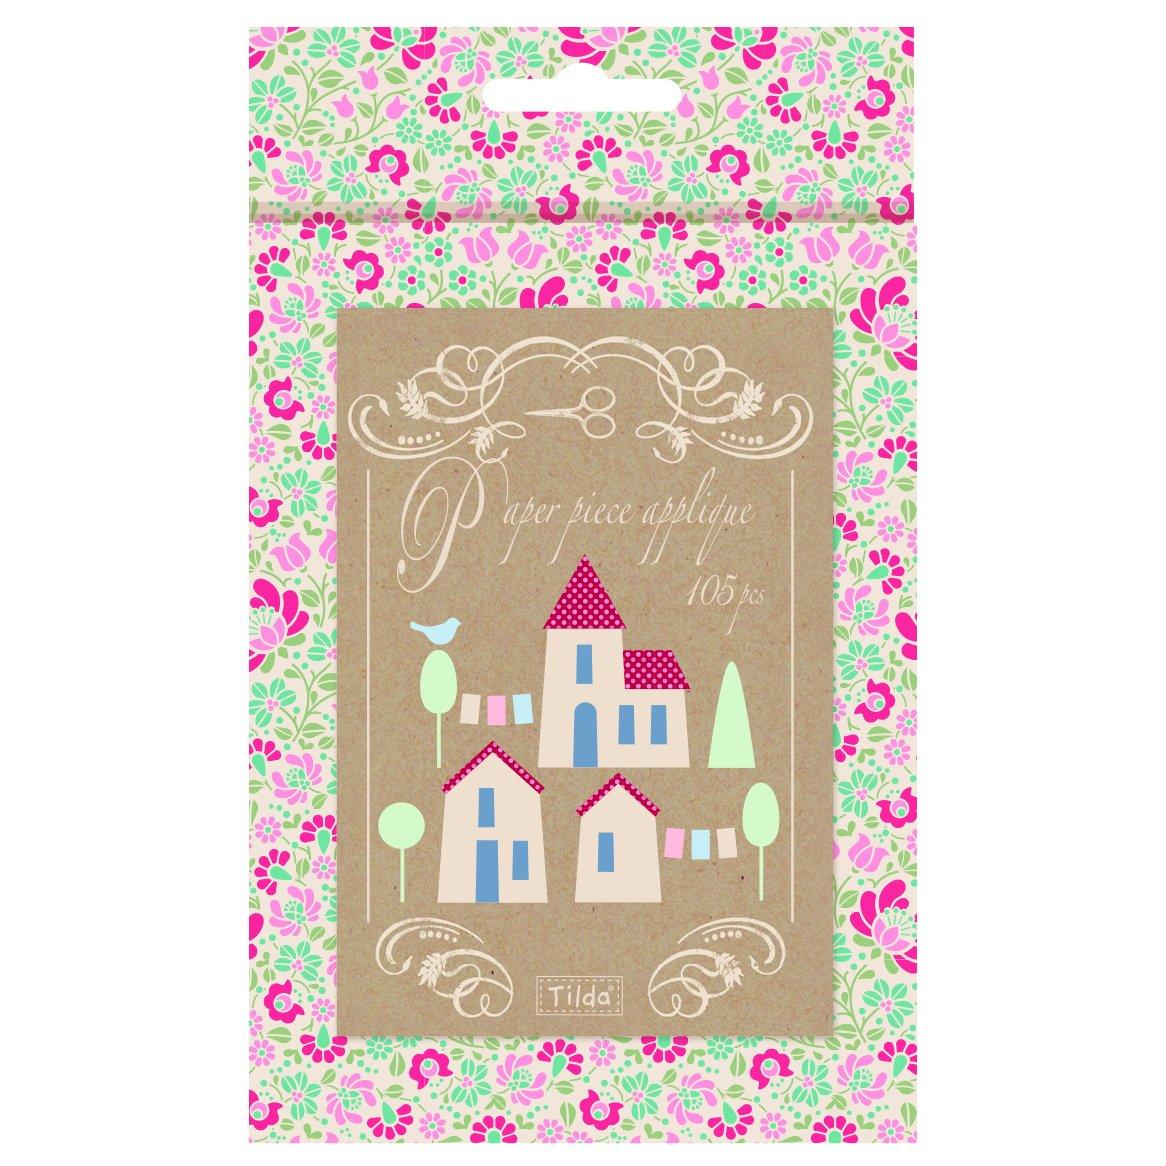 Tilda Cottage pièce Applique Village, Papier, Assortis, 12.5x 5x 12.5cm TD481577